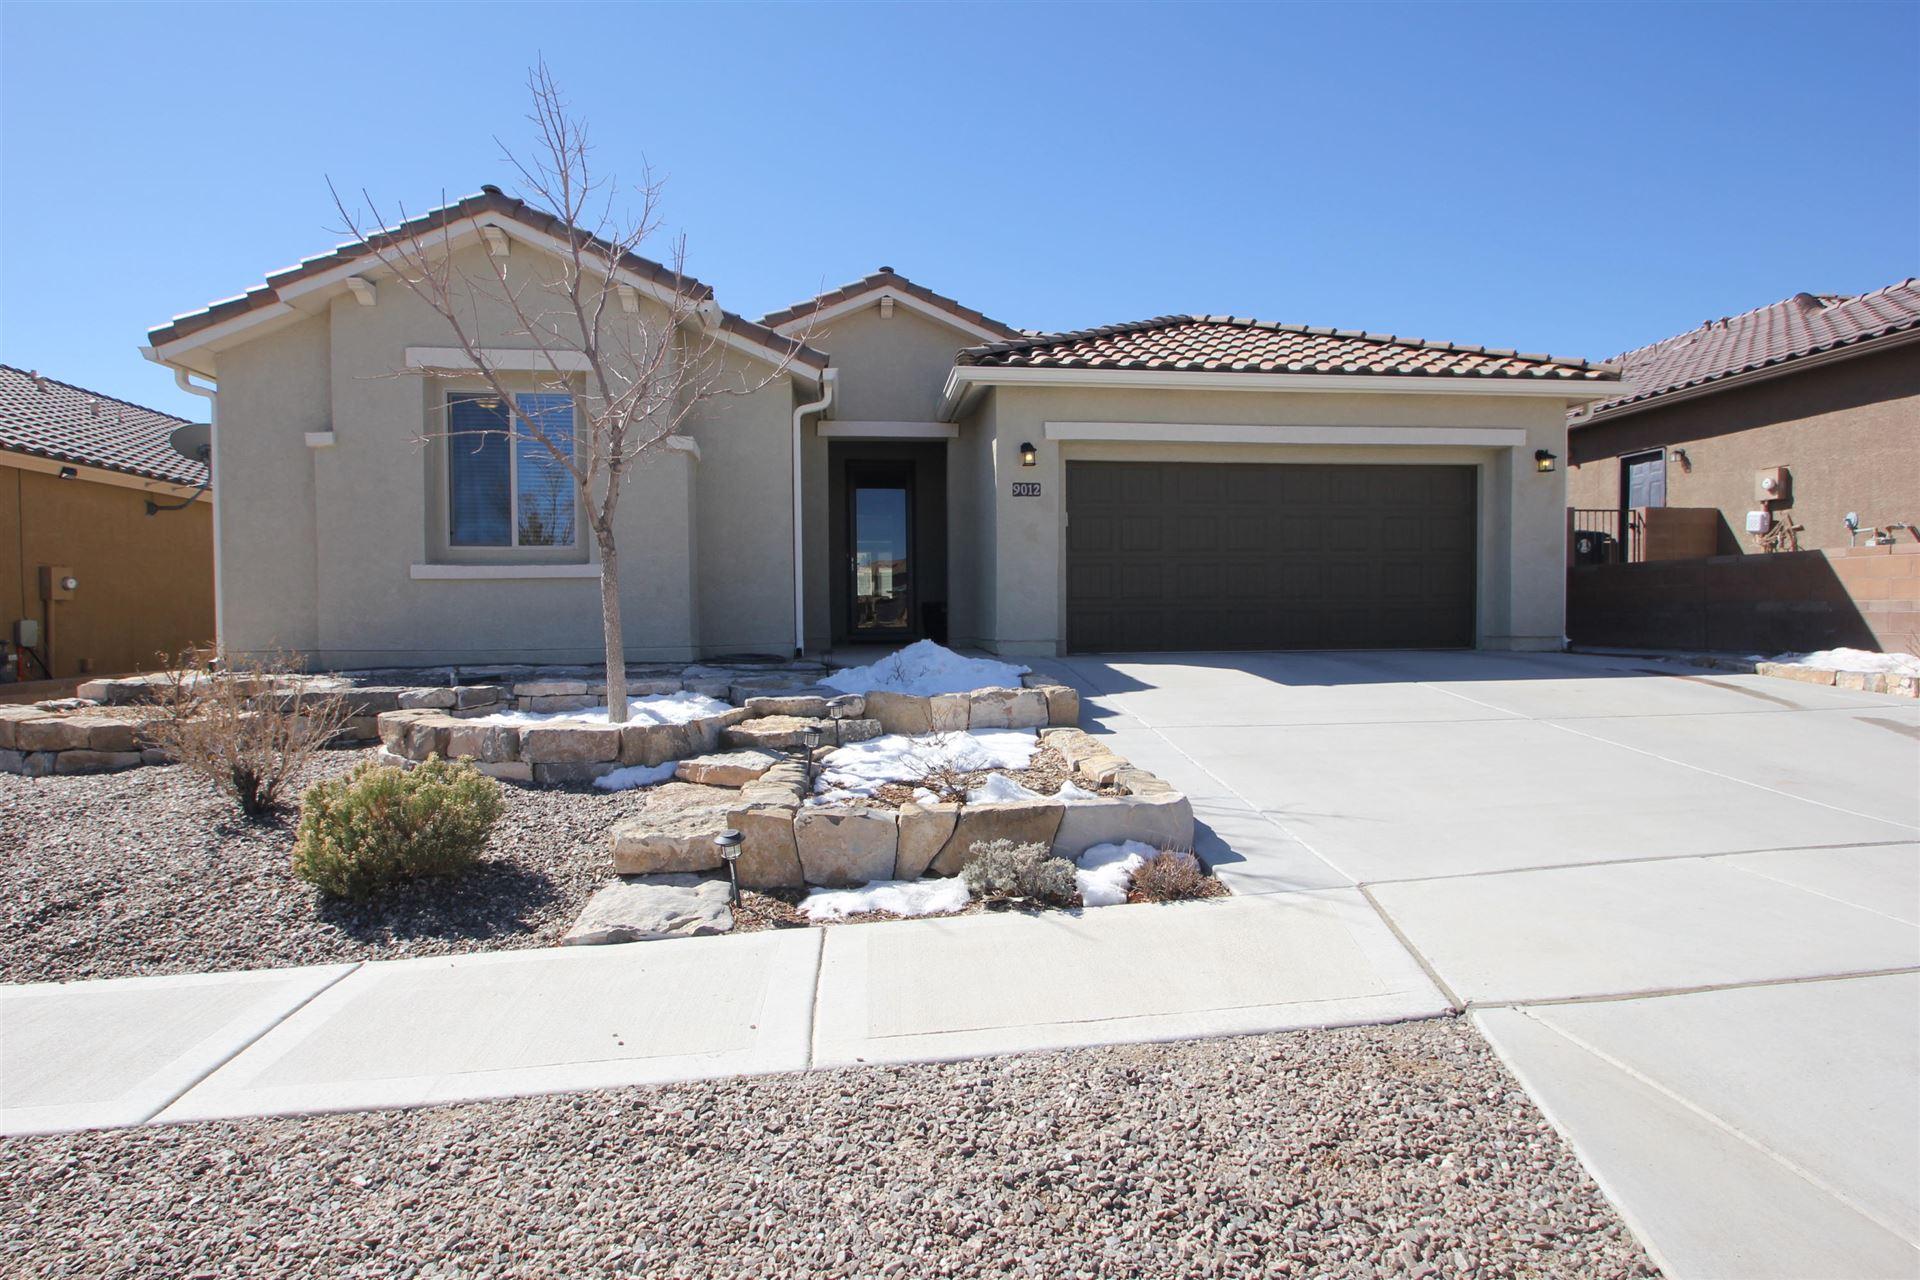 9012 BRAZOS RIDGE Circle, Albuquerque, NM 87120 - MLS#: 986177